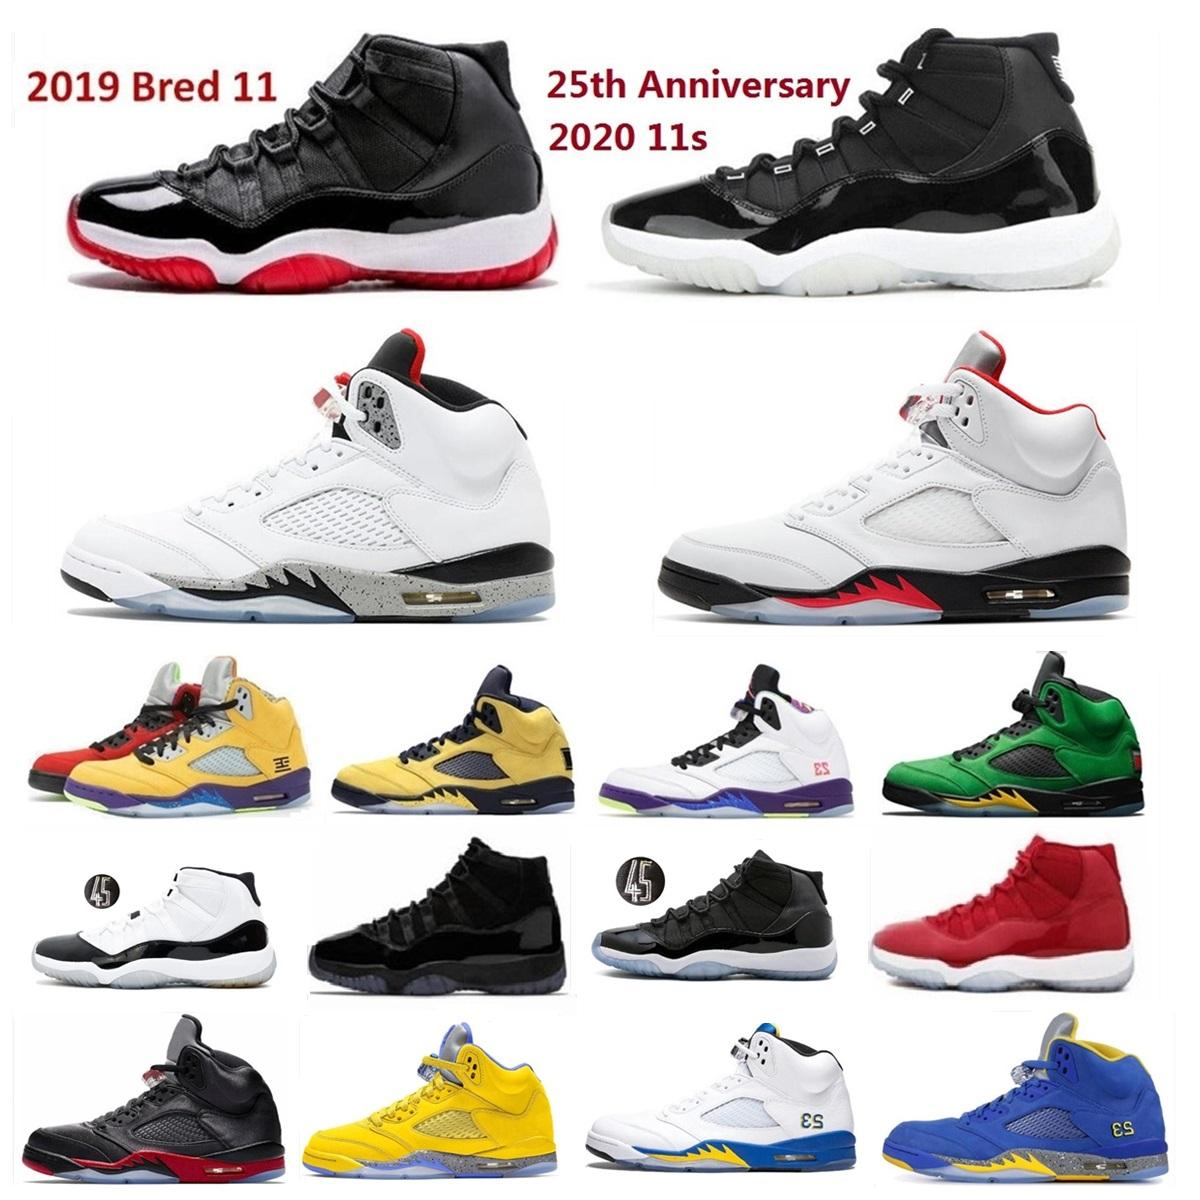 11 Basketbol Ayakkabıları 2020 25th Yıldönümü Düşük 11s Erkekler Beyaz Concord Bred Laney 5 Ateşi Kırmızı Michigan Çimento Kara Kedi Top 3 UNC Ördekler